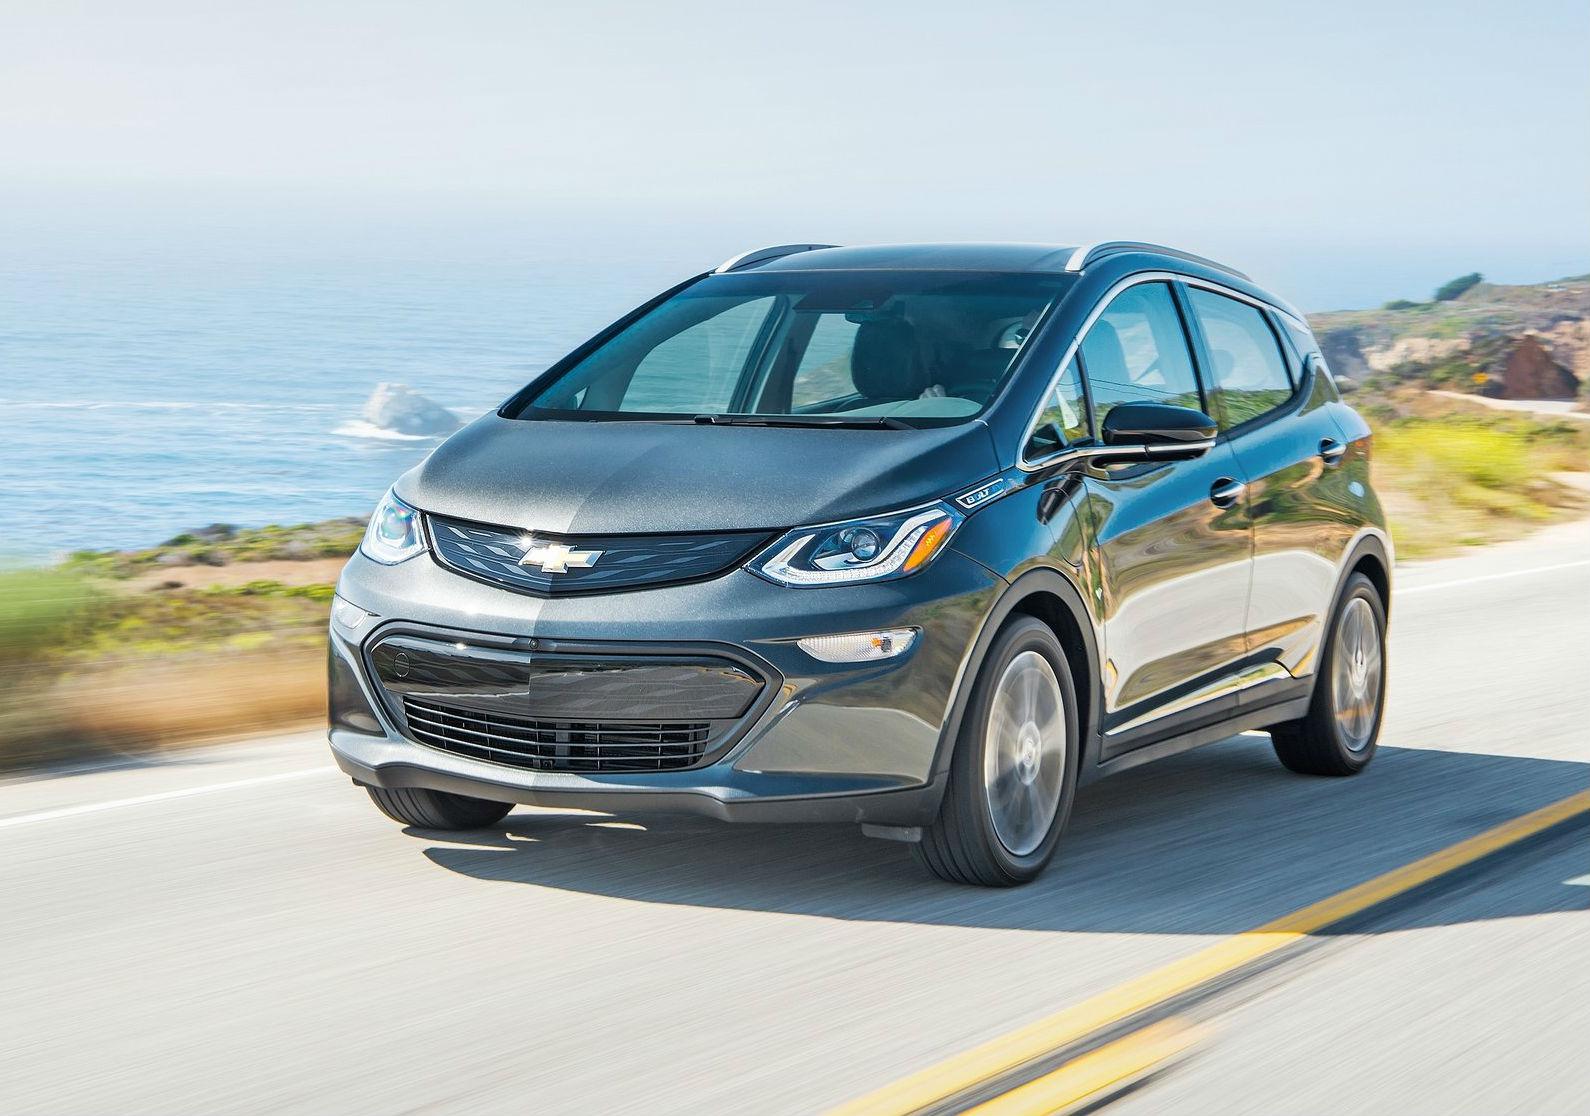 Chevrolet Bolt oferece bom desempenho e acesso à ampla rede de concessionárias da marca (Imagem: Jornal do Carro/Reprodução)